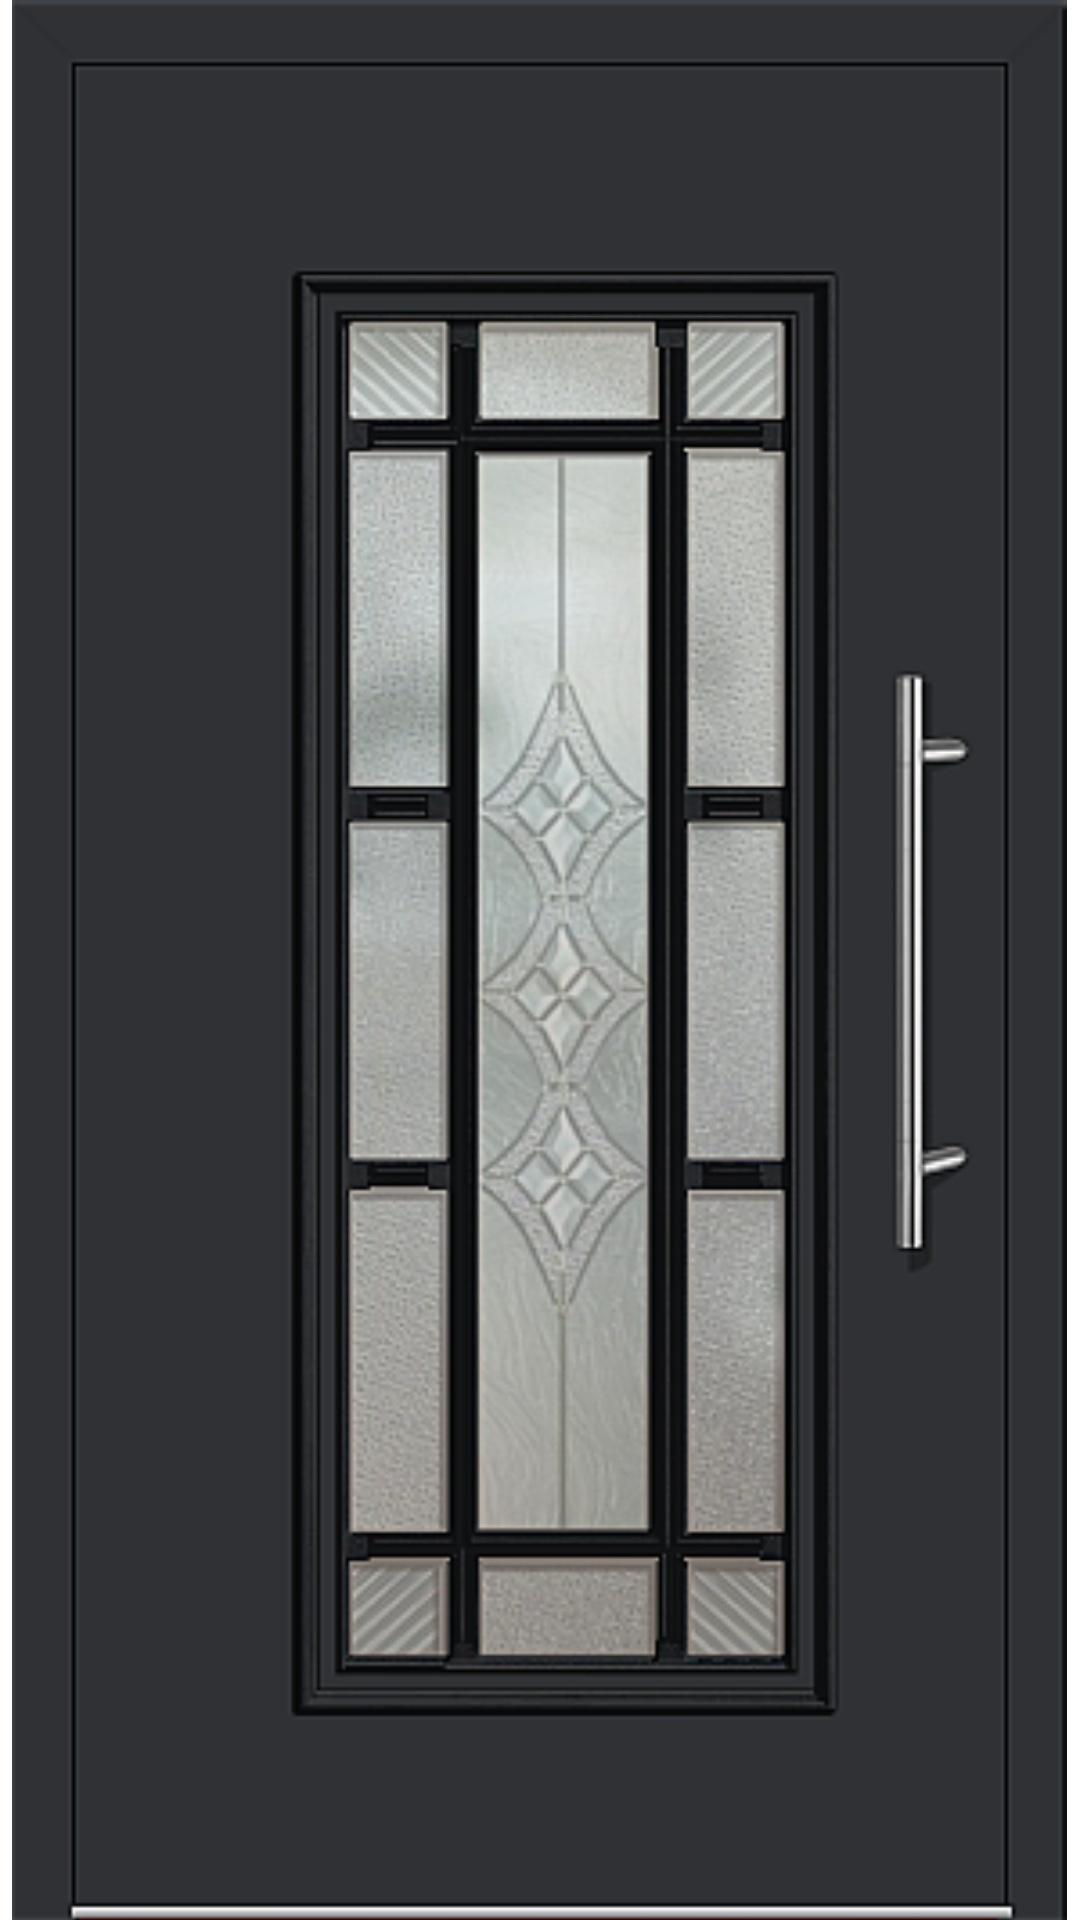 Kunststoff Haustür Modell 4151-11 schwarz